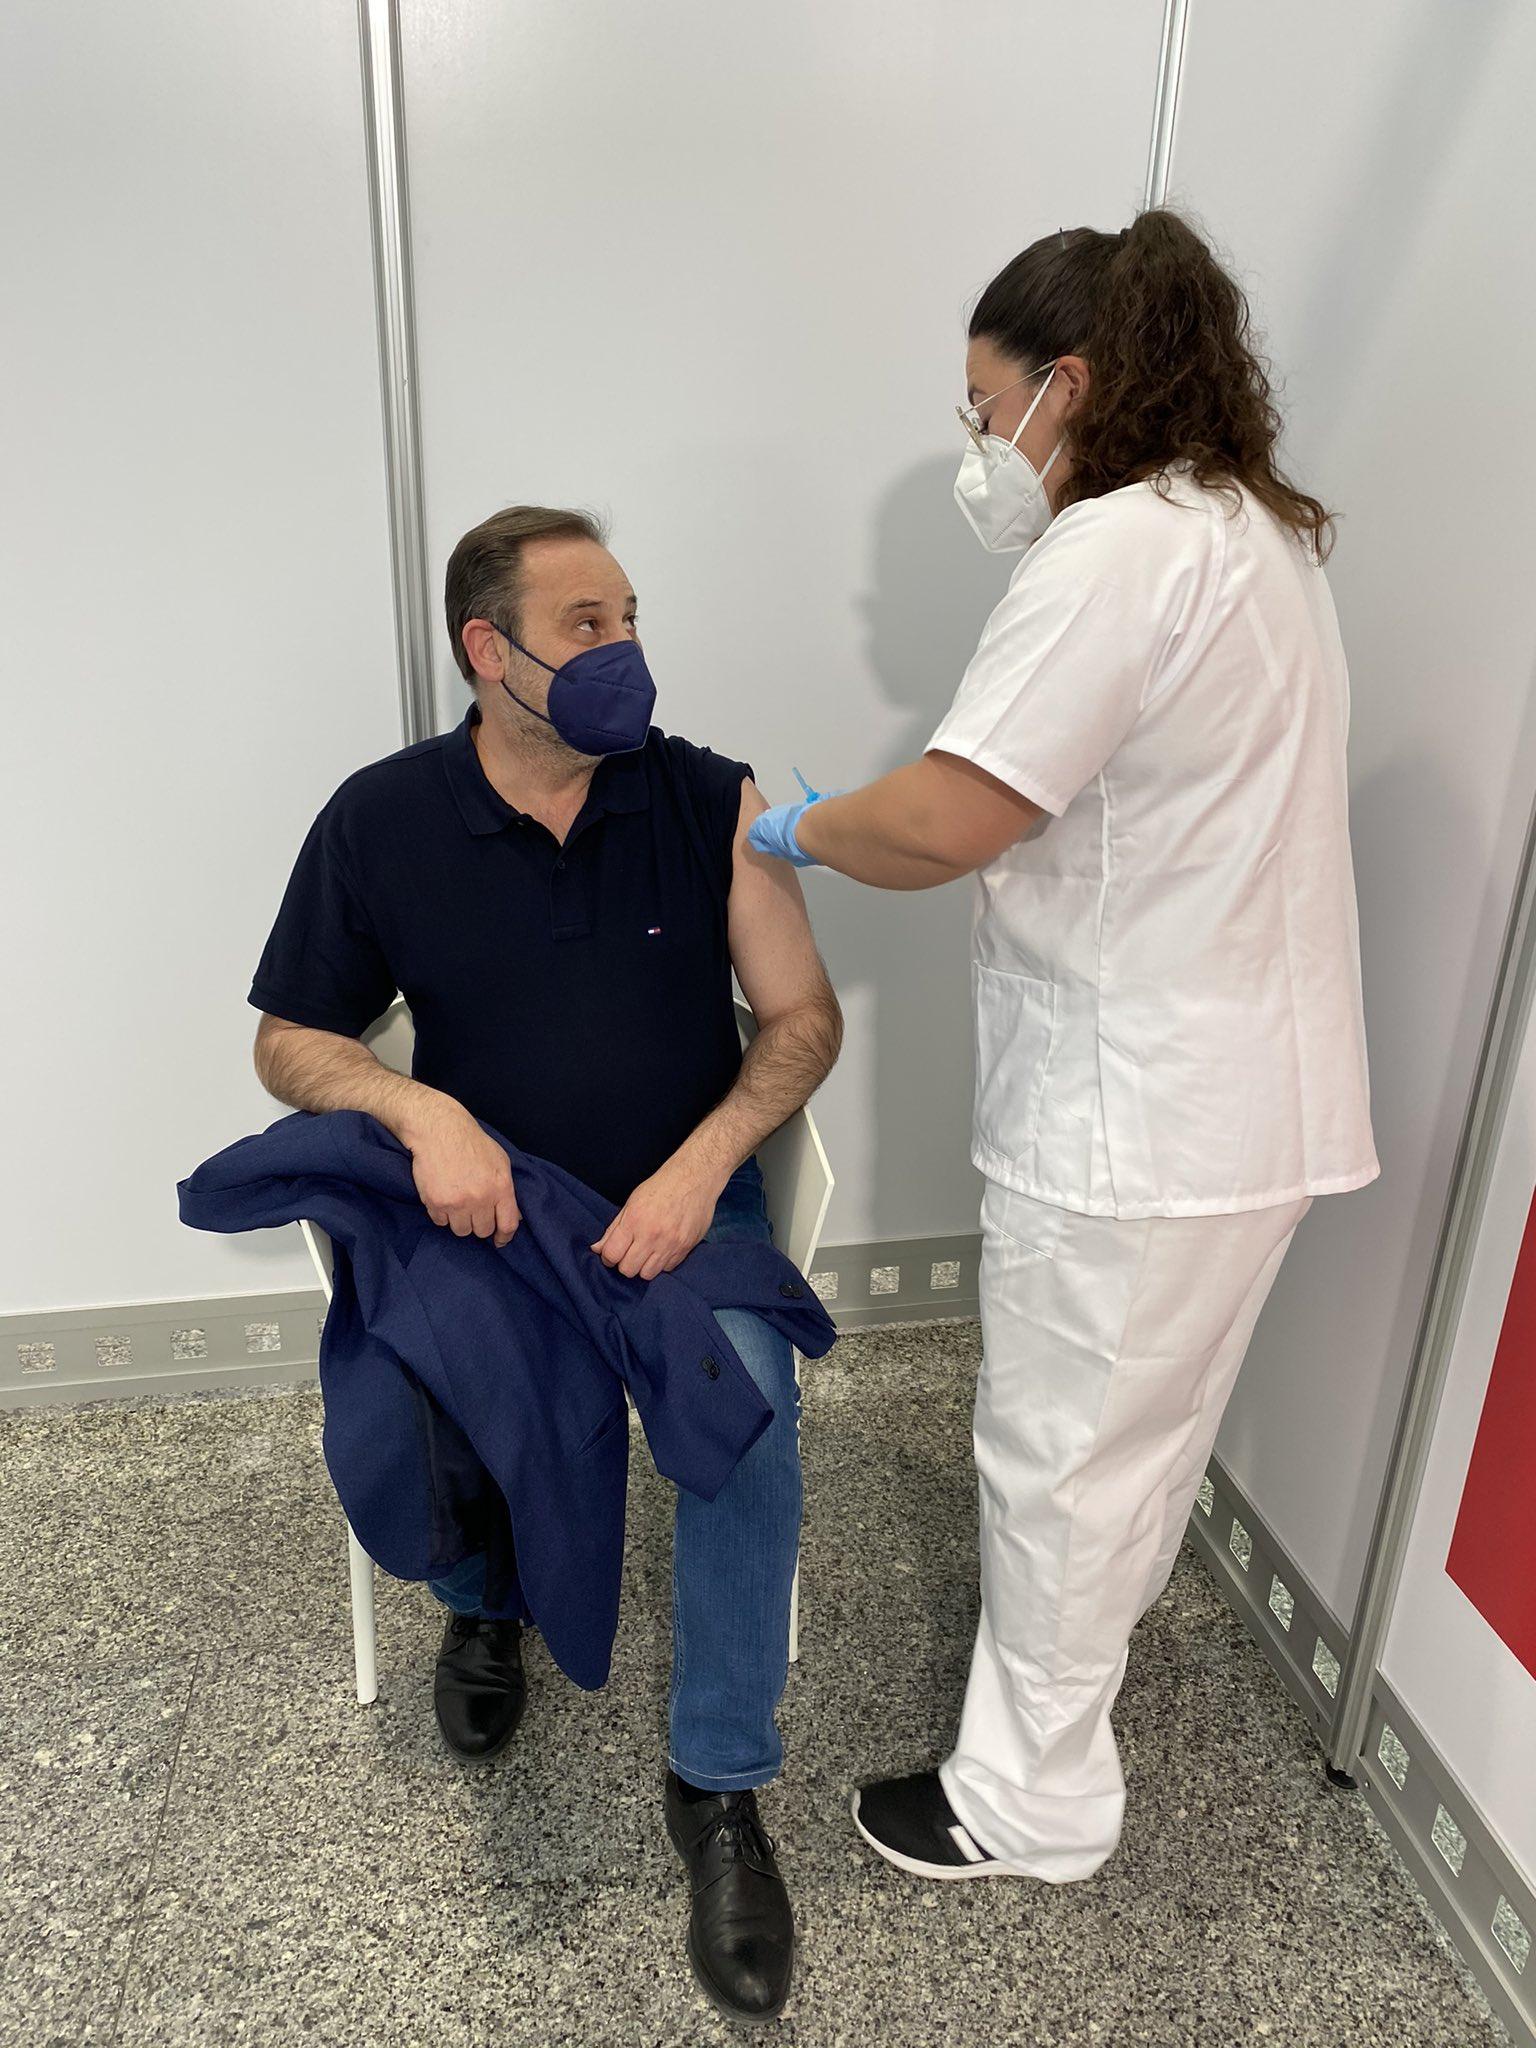 El ministro Ábalos recibe la vacuna de AstraZeneca en València